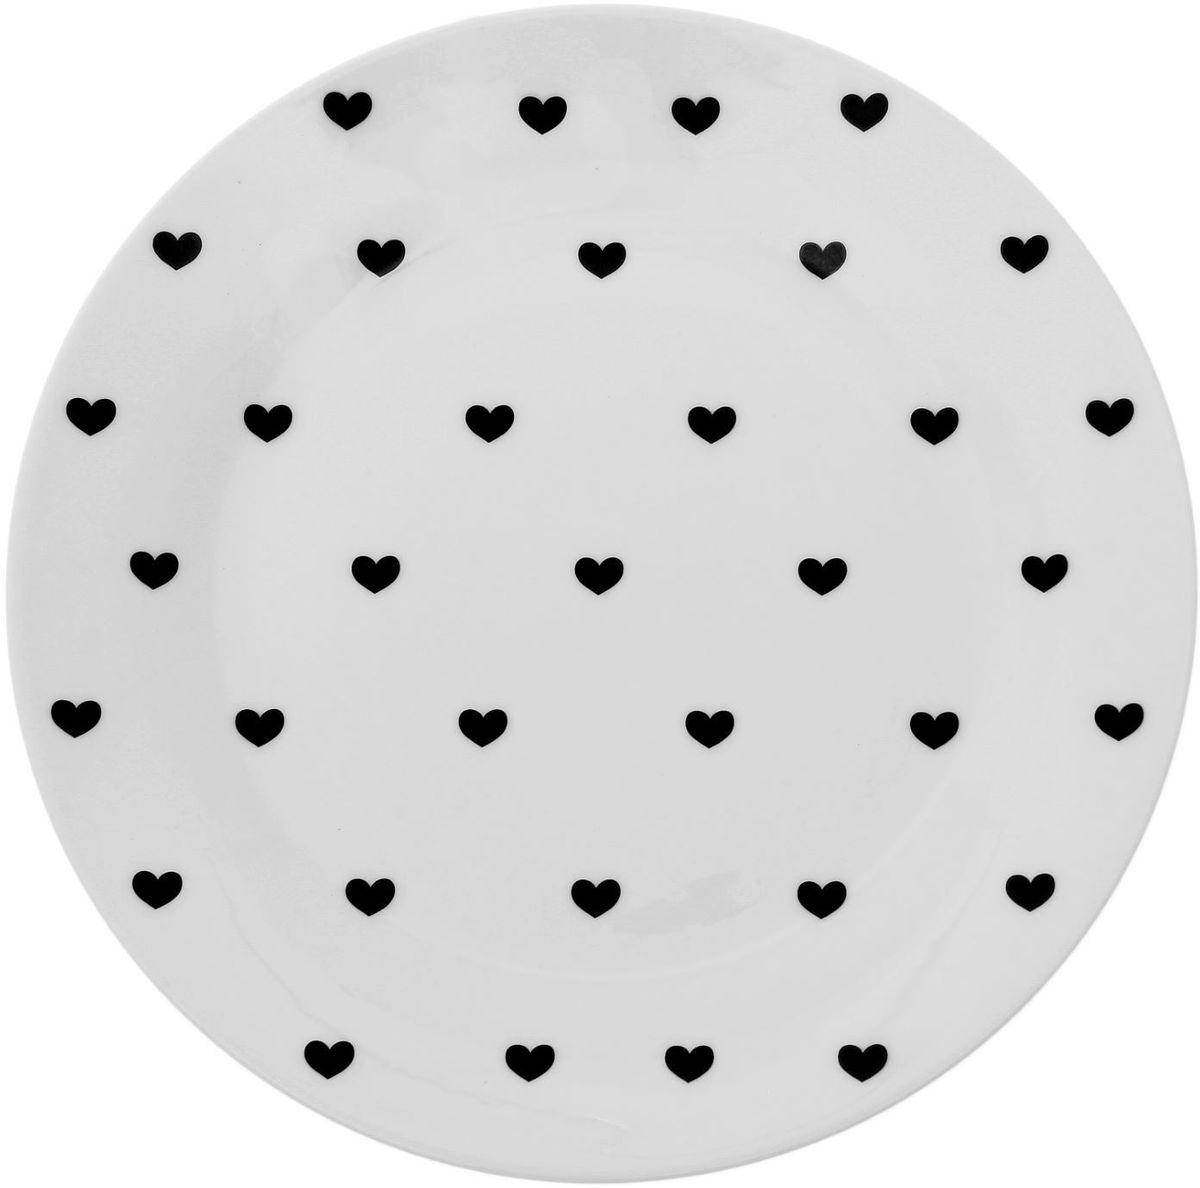 Тарелка мелкая Сотвори чудо Маленькое сердце, диаметр 23 см1661855Хотите обновить интерьер кухни или гостиной? Устраиваете необычную фотосессию или тематический праздник? А может, просто ищете подарок для близкого человека? Посуда « Сотвори Чудо» — правильный выбор в любой ситуации. Её достоинства: изящный фаянс нежного сливочного цвета; стойкость краски; пригодность для посудомоечных машин.